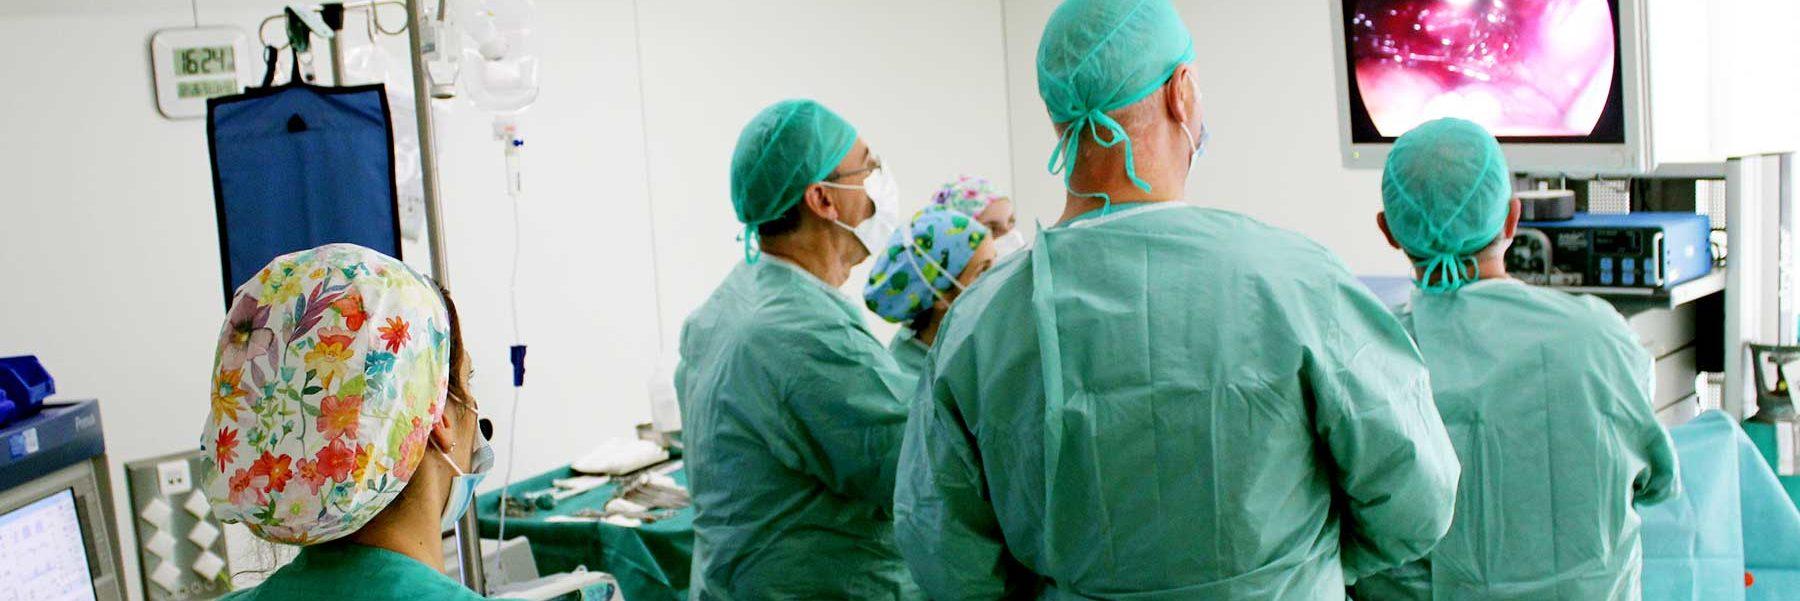 cirugía ginecológica